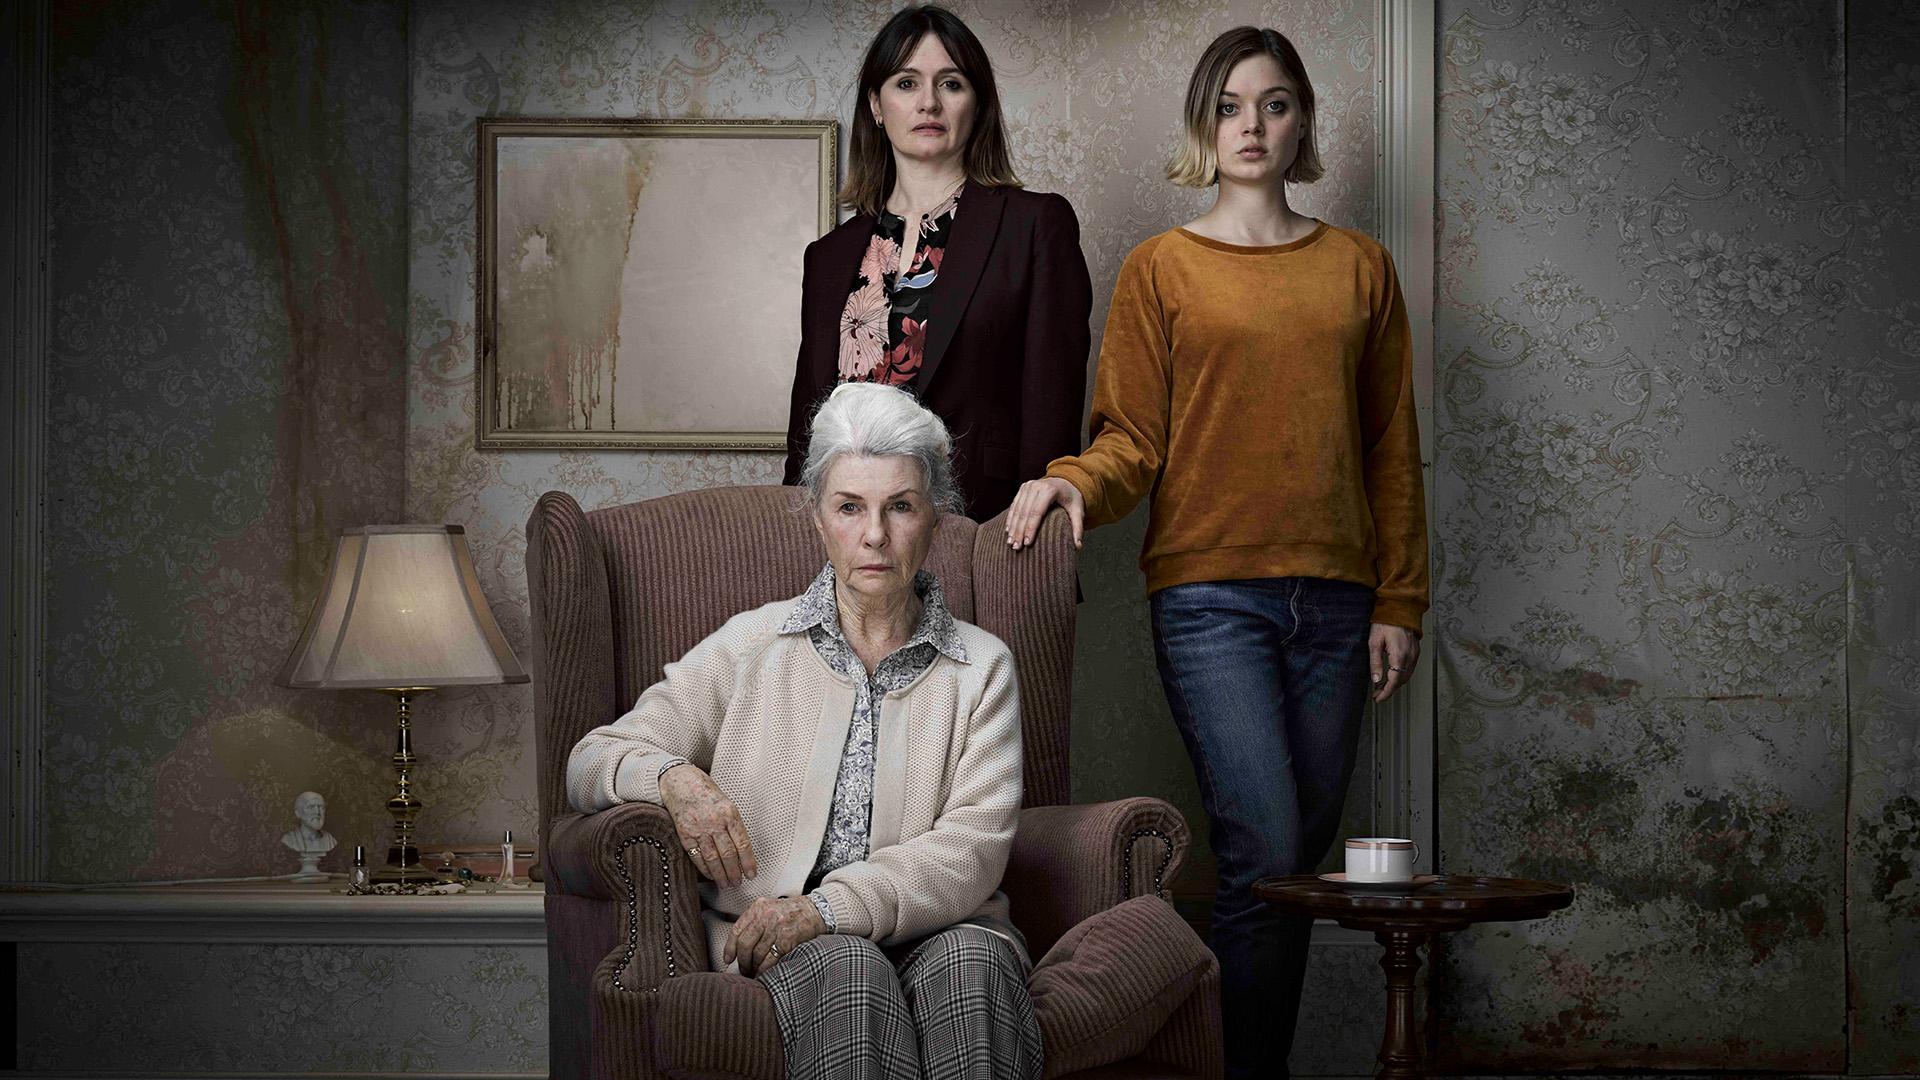 Egy horrorfilm mutatja be a legjobban a demenciát